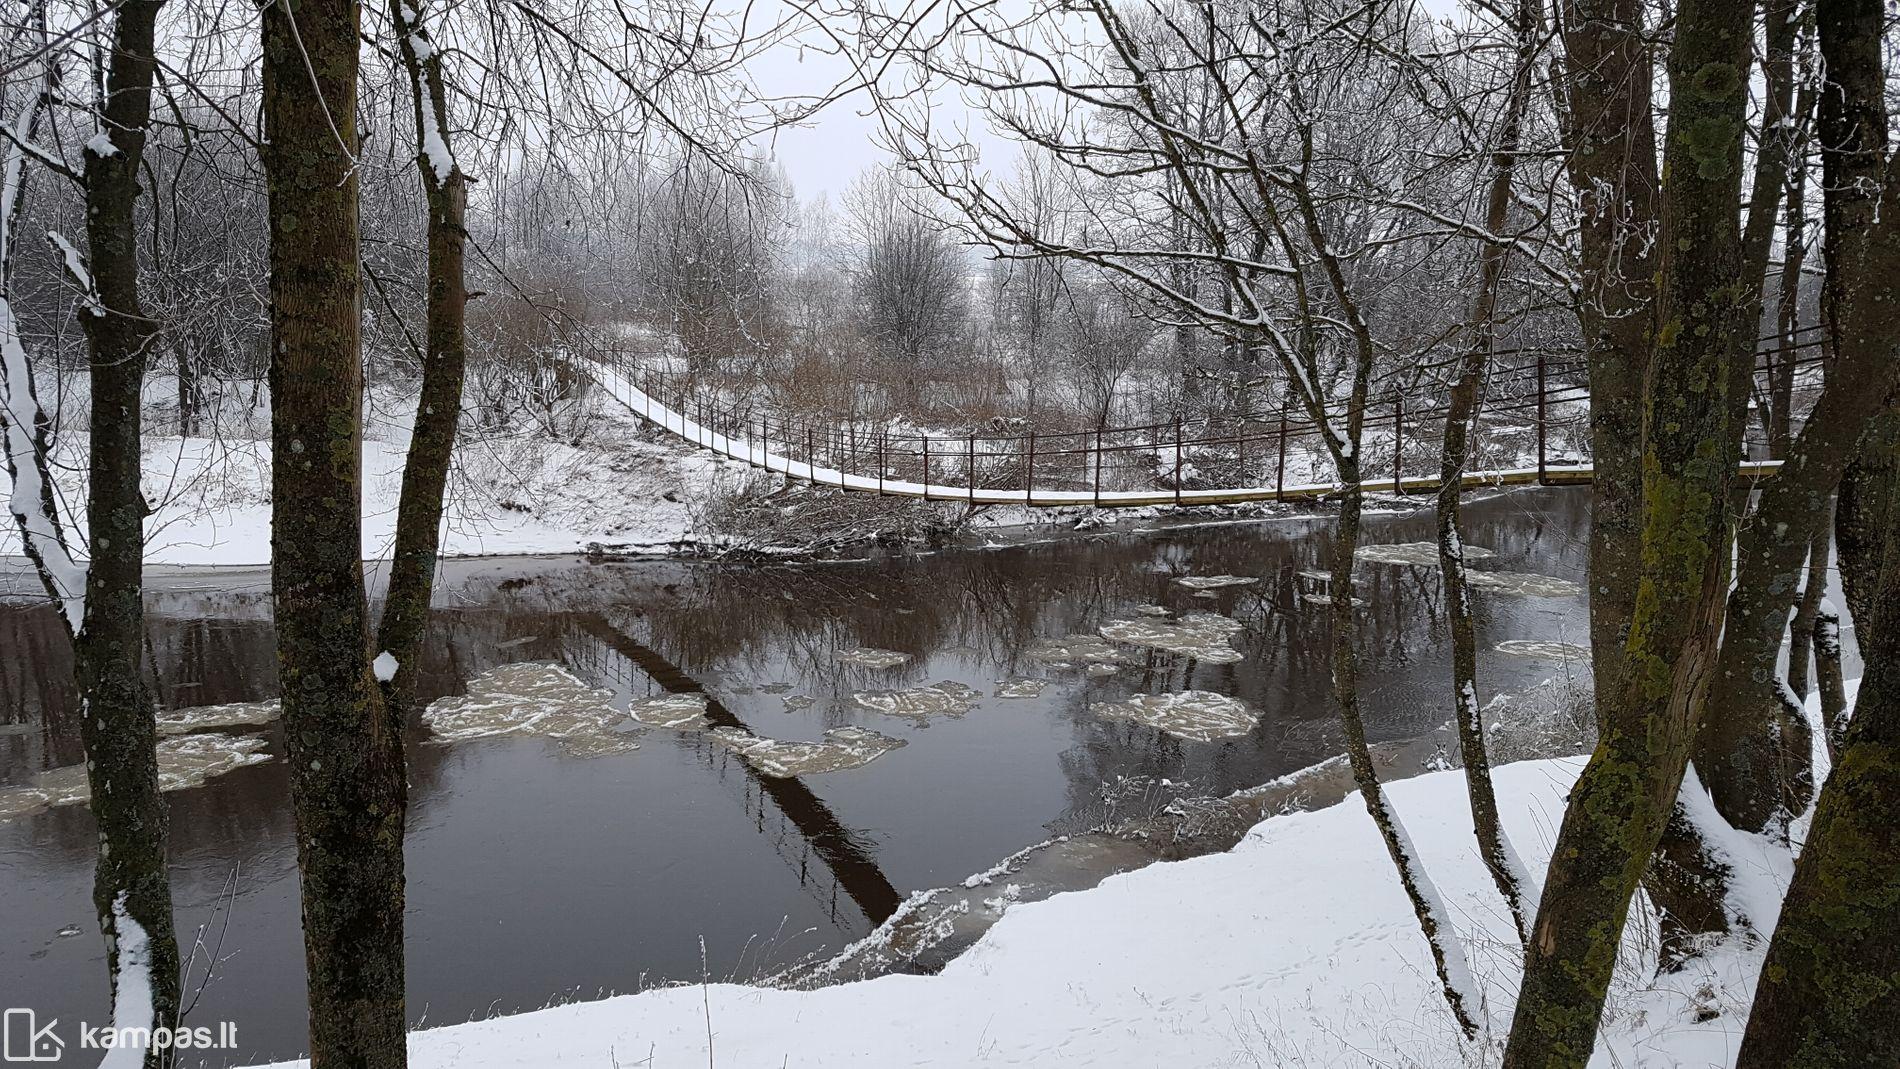 photo No.28 Klaipėdos r. sav., Butkai